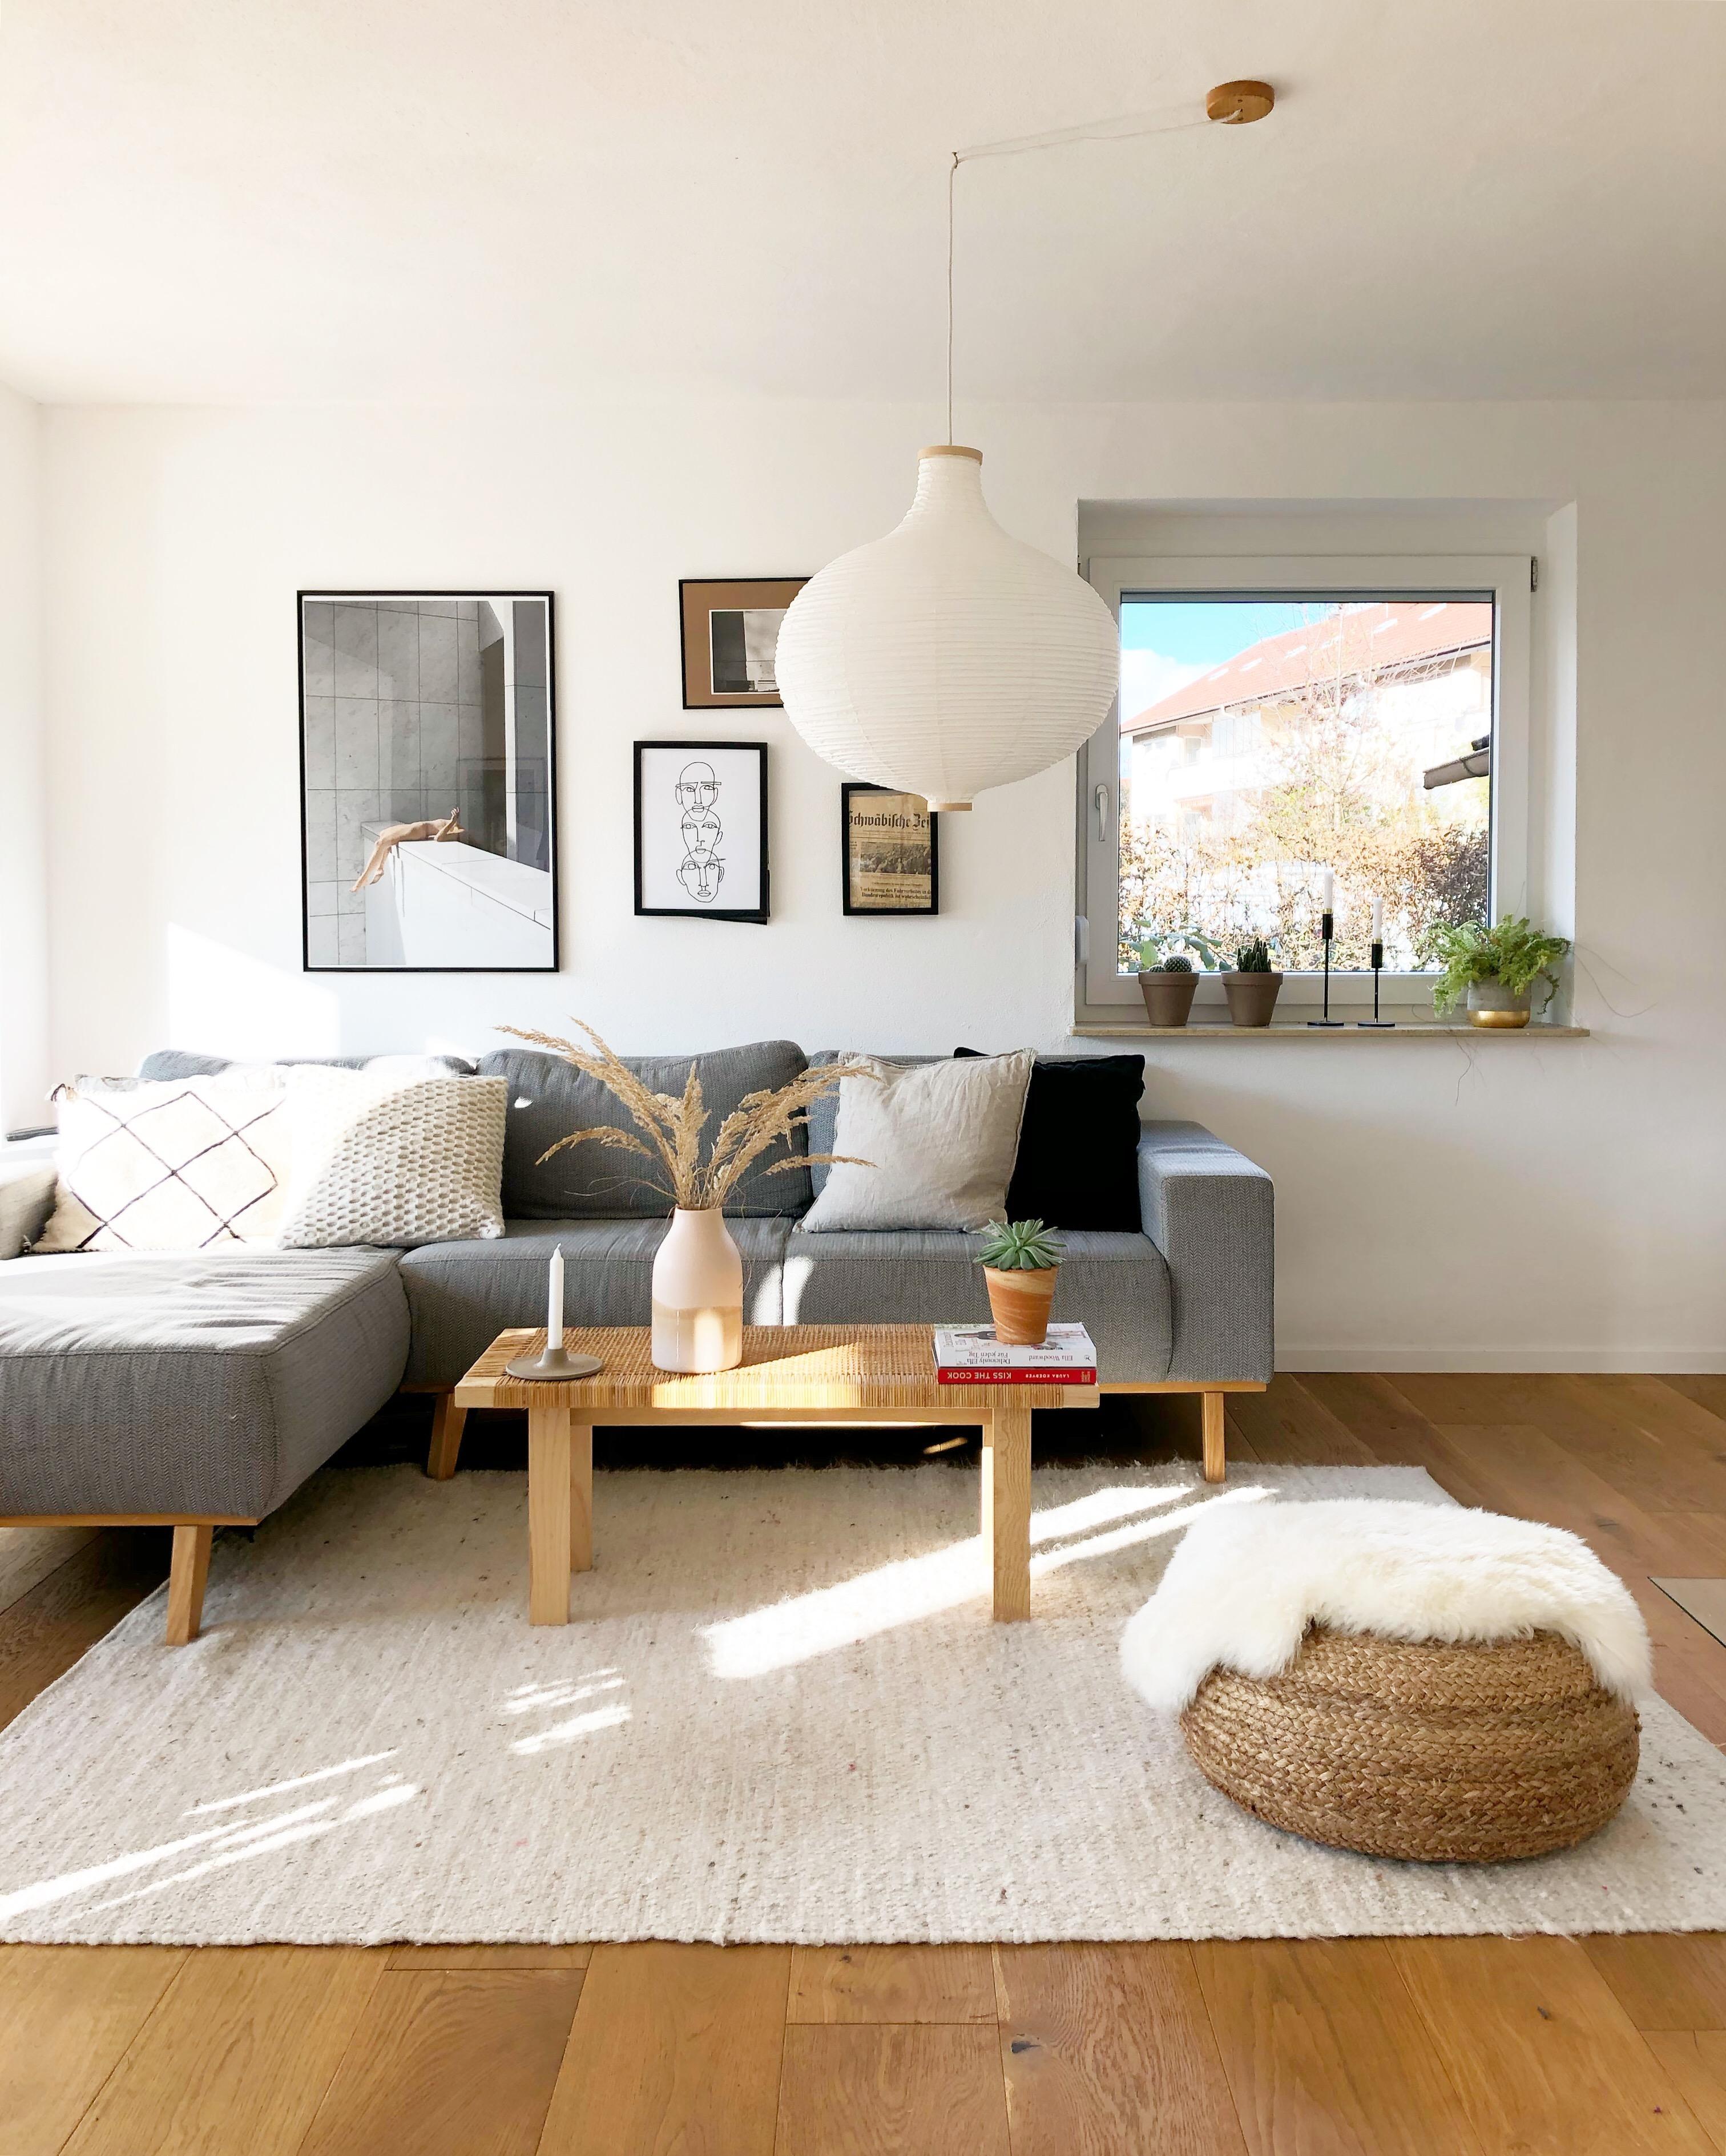 wohnzimmer #couch #sofa #hängelampe #lampe #poster.